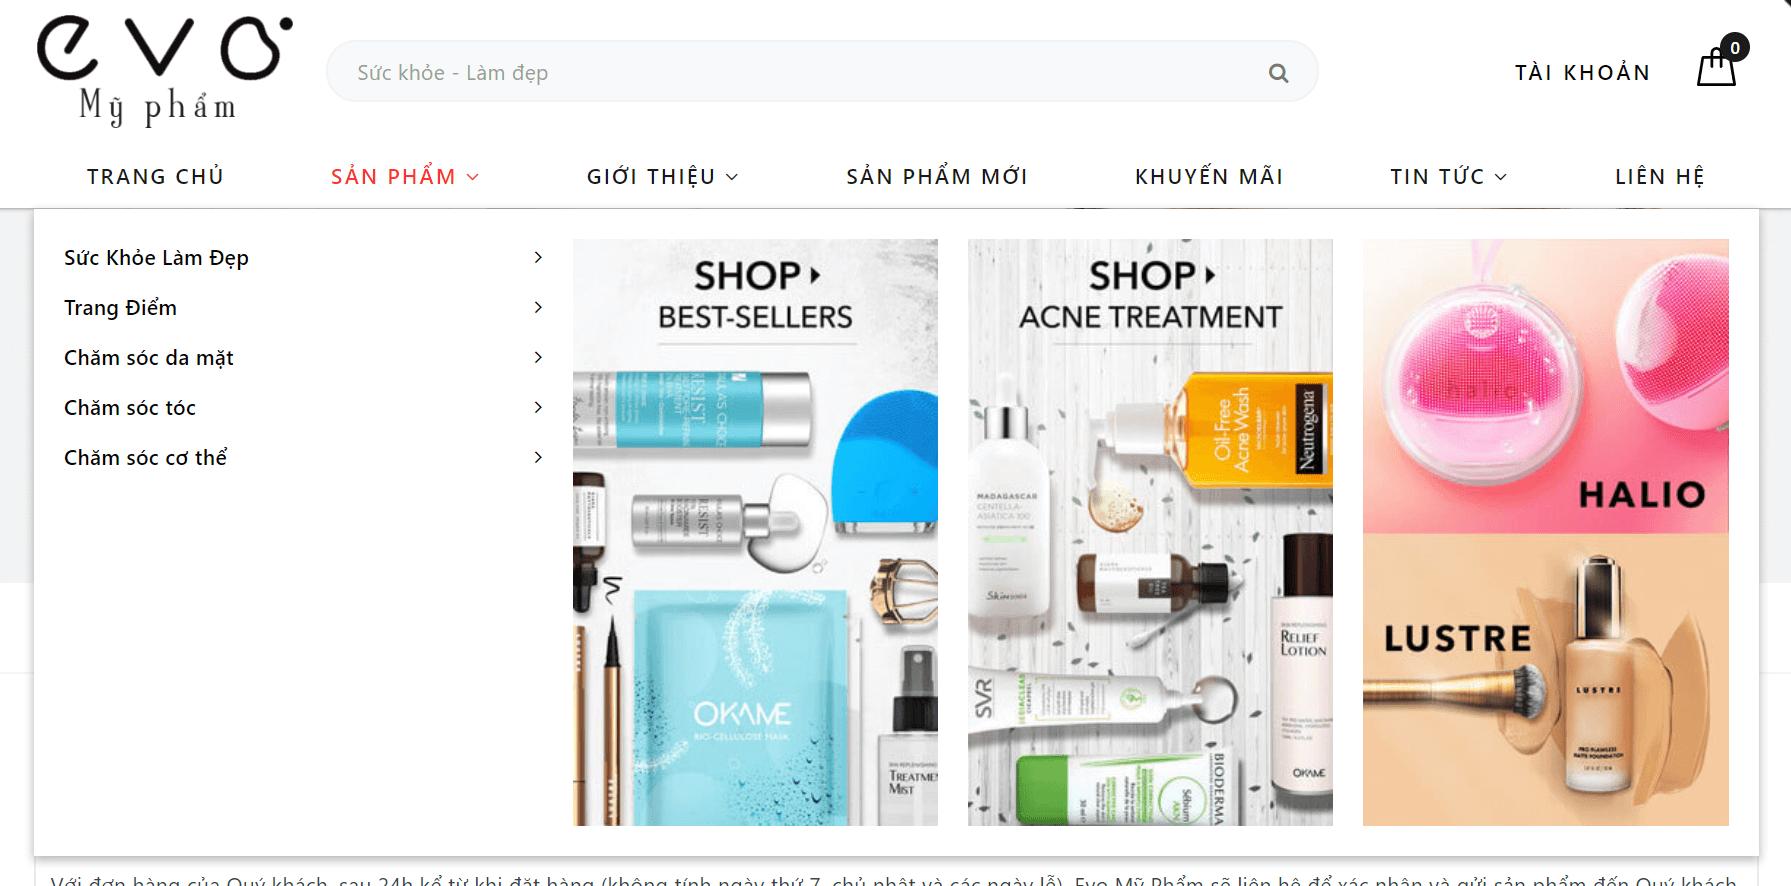 thiết kế website mỹ phẩm giá rẻ